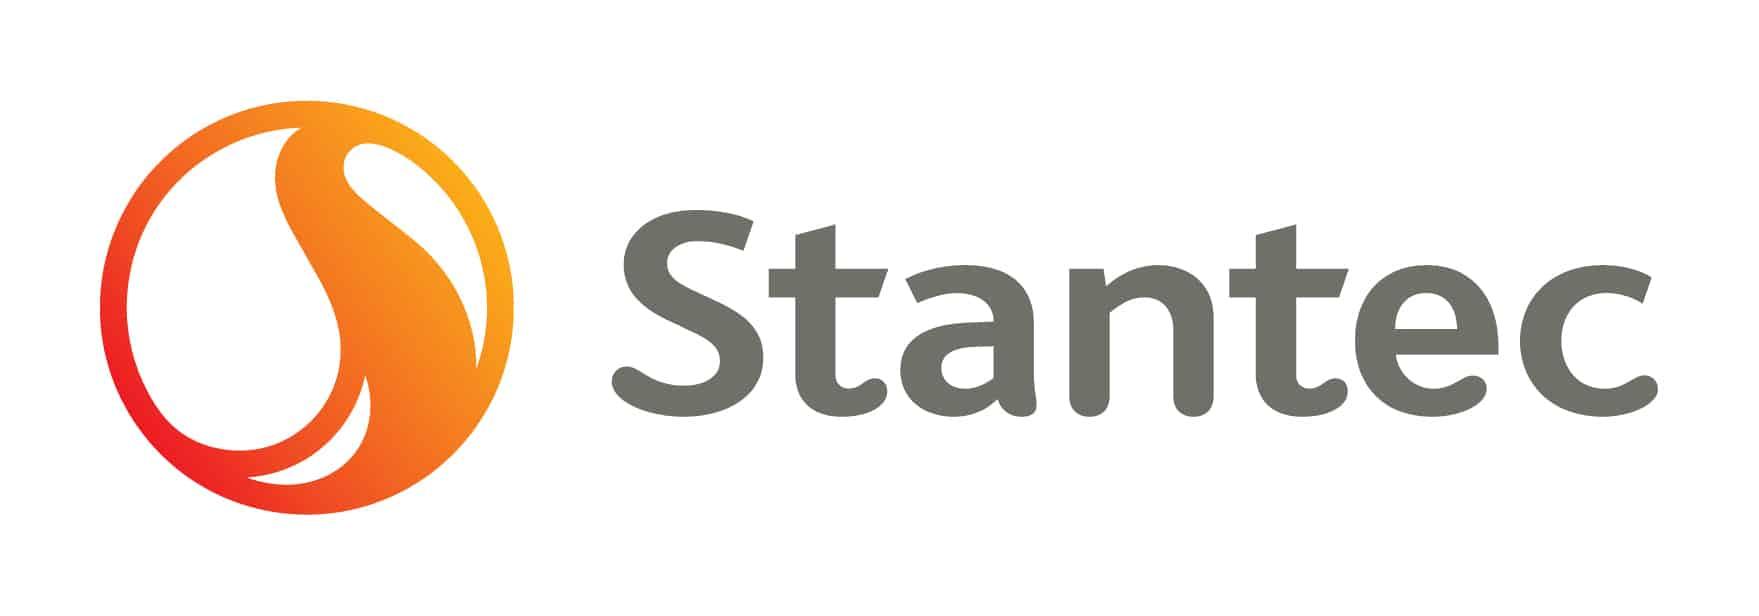 Stantec logo - color